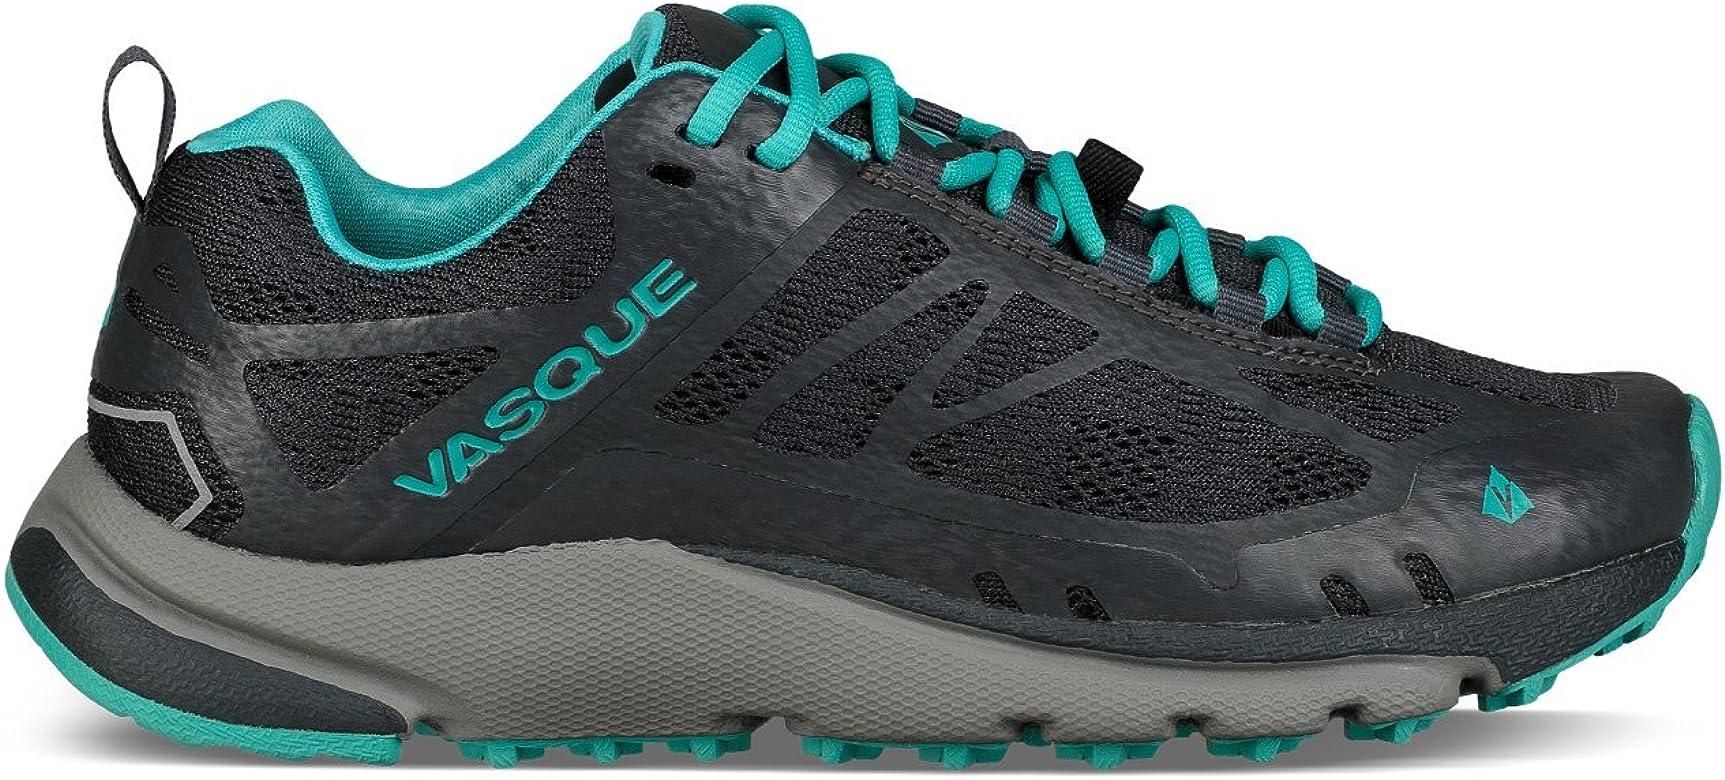 Vasque Trailbender II Trail Running - Zapatillas de senderismo para mujer, color ébano/Bluebird 10.5 M: Amazon.es: Zapatos y complementos